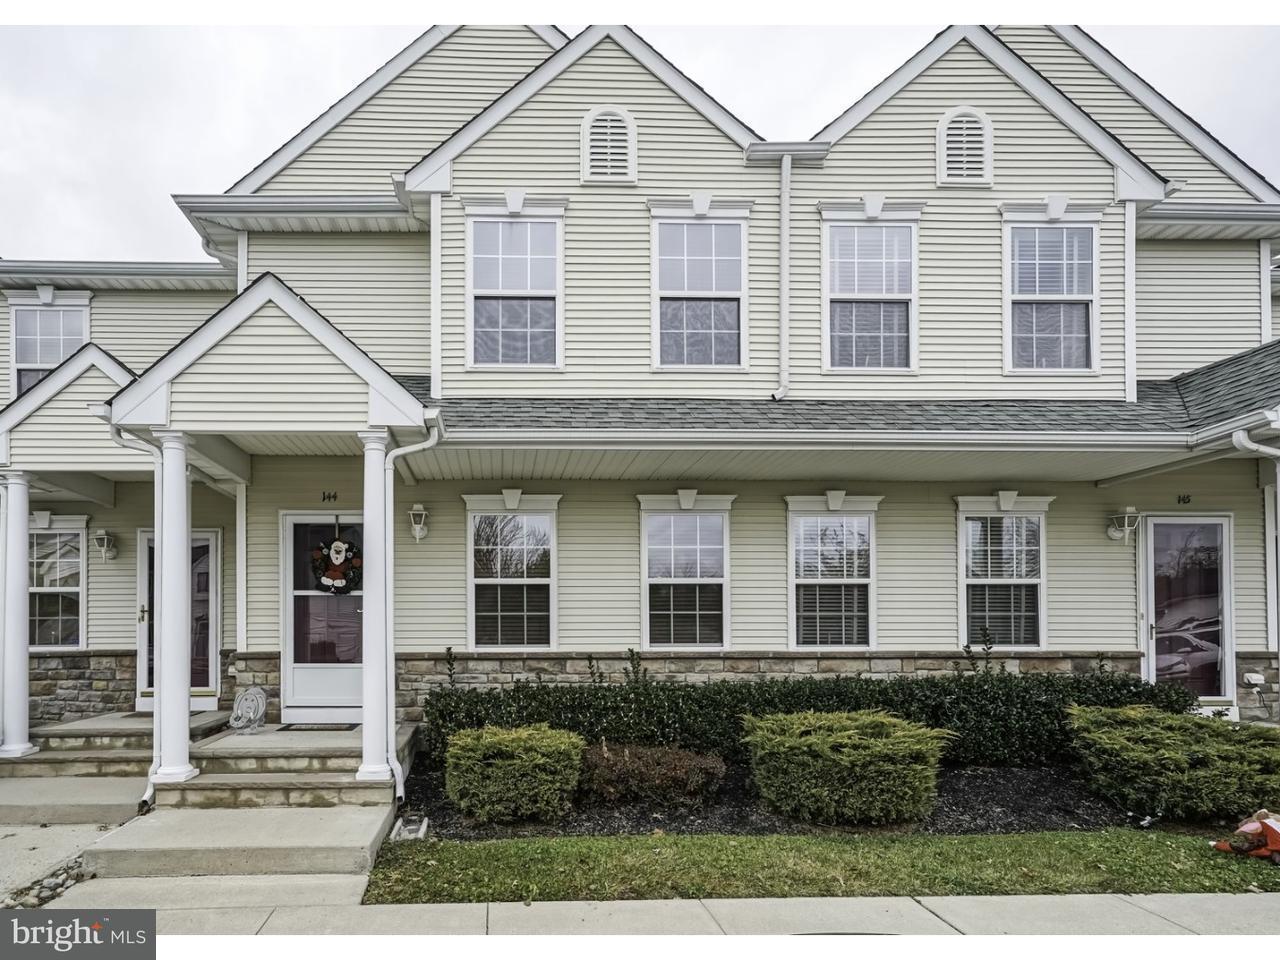 联栋屋 为 出租 在 144 YORKTOWN BLVD Hammonton, 新泽西州 08037 美国